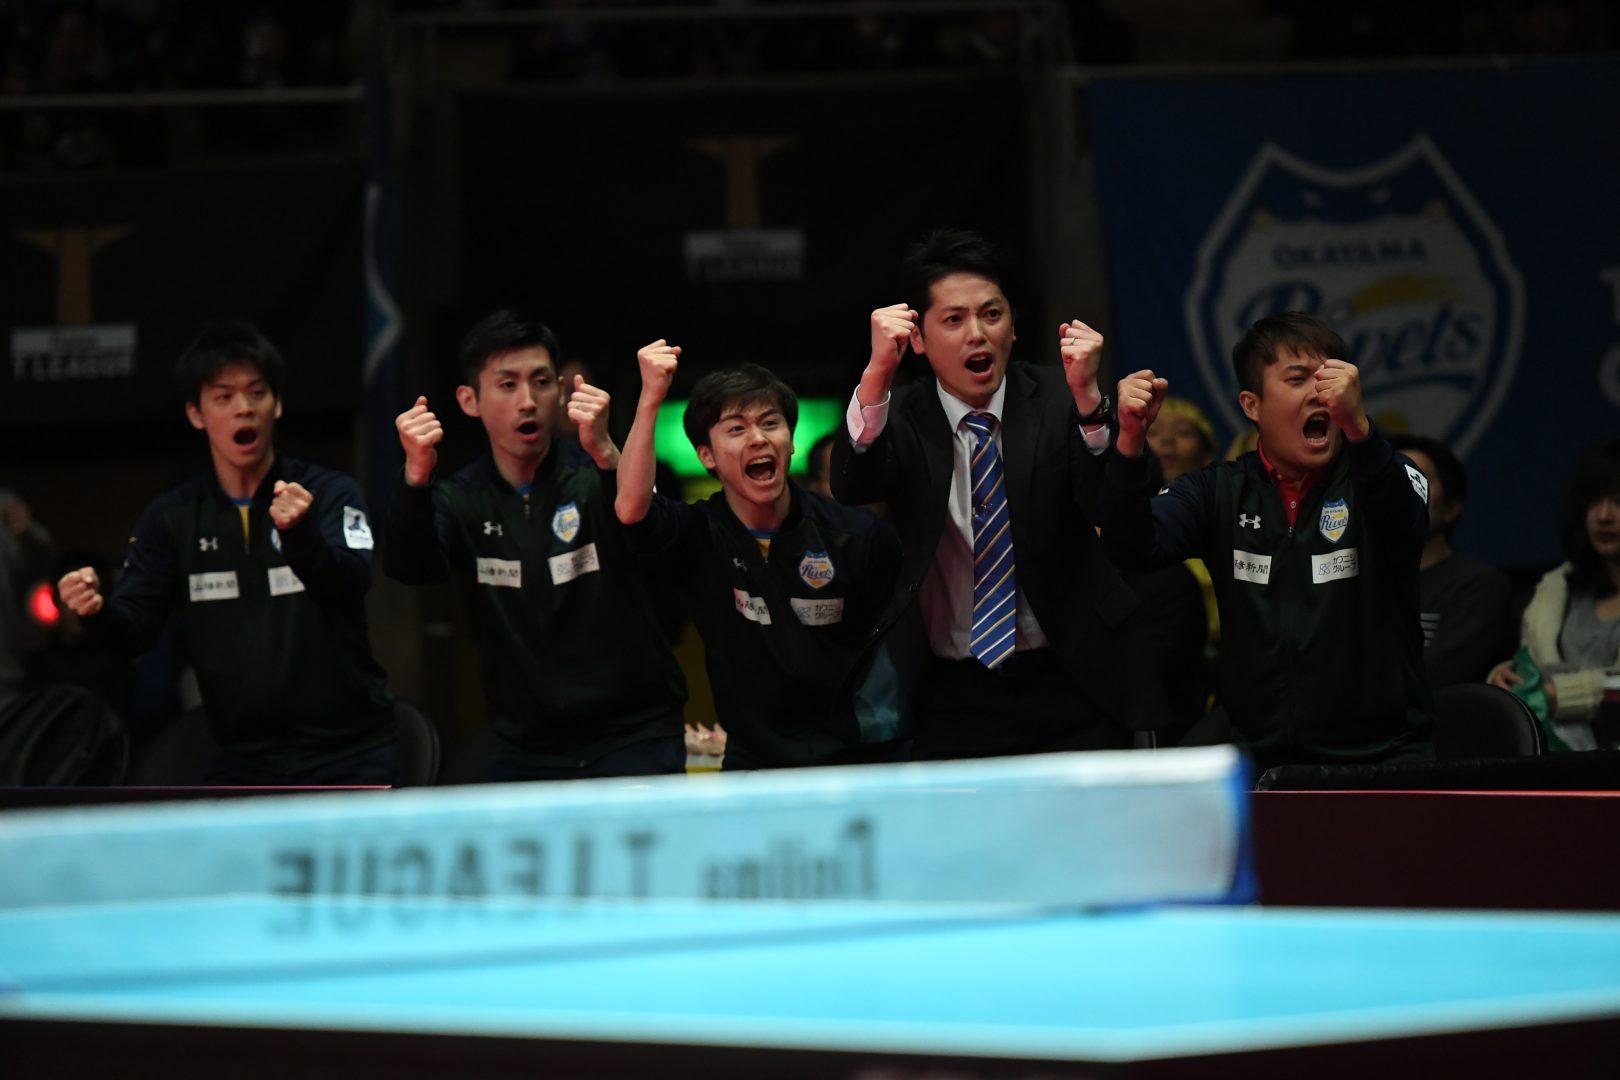 【卓球・Tリーグ】地元岡山が10ゲーム連取の快挙 世界代表の吉村が5連勝